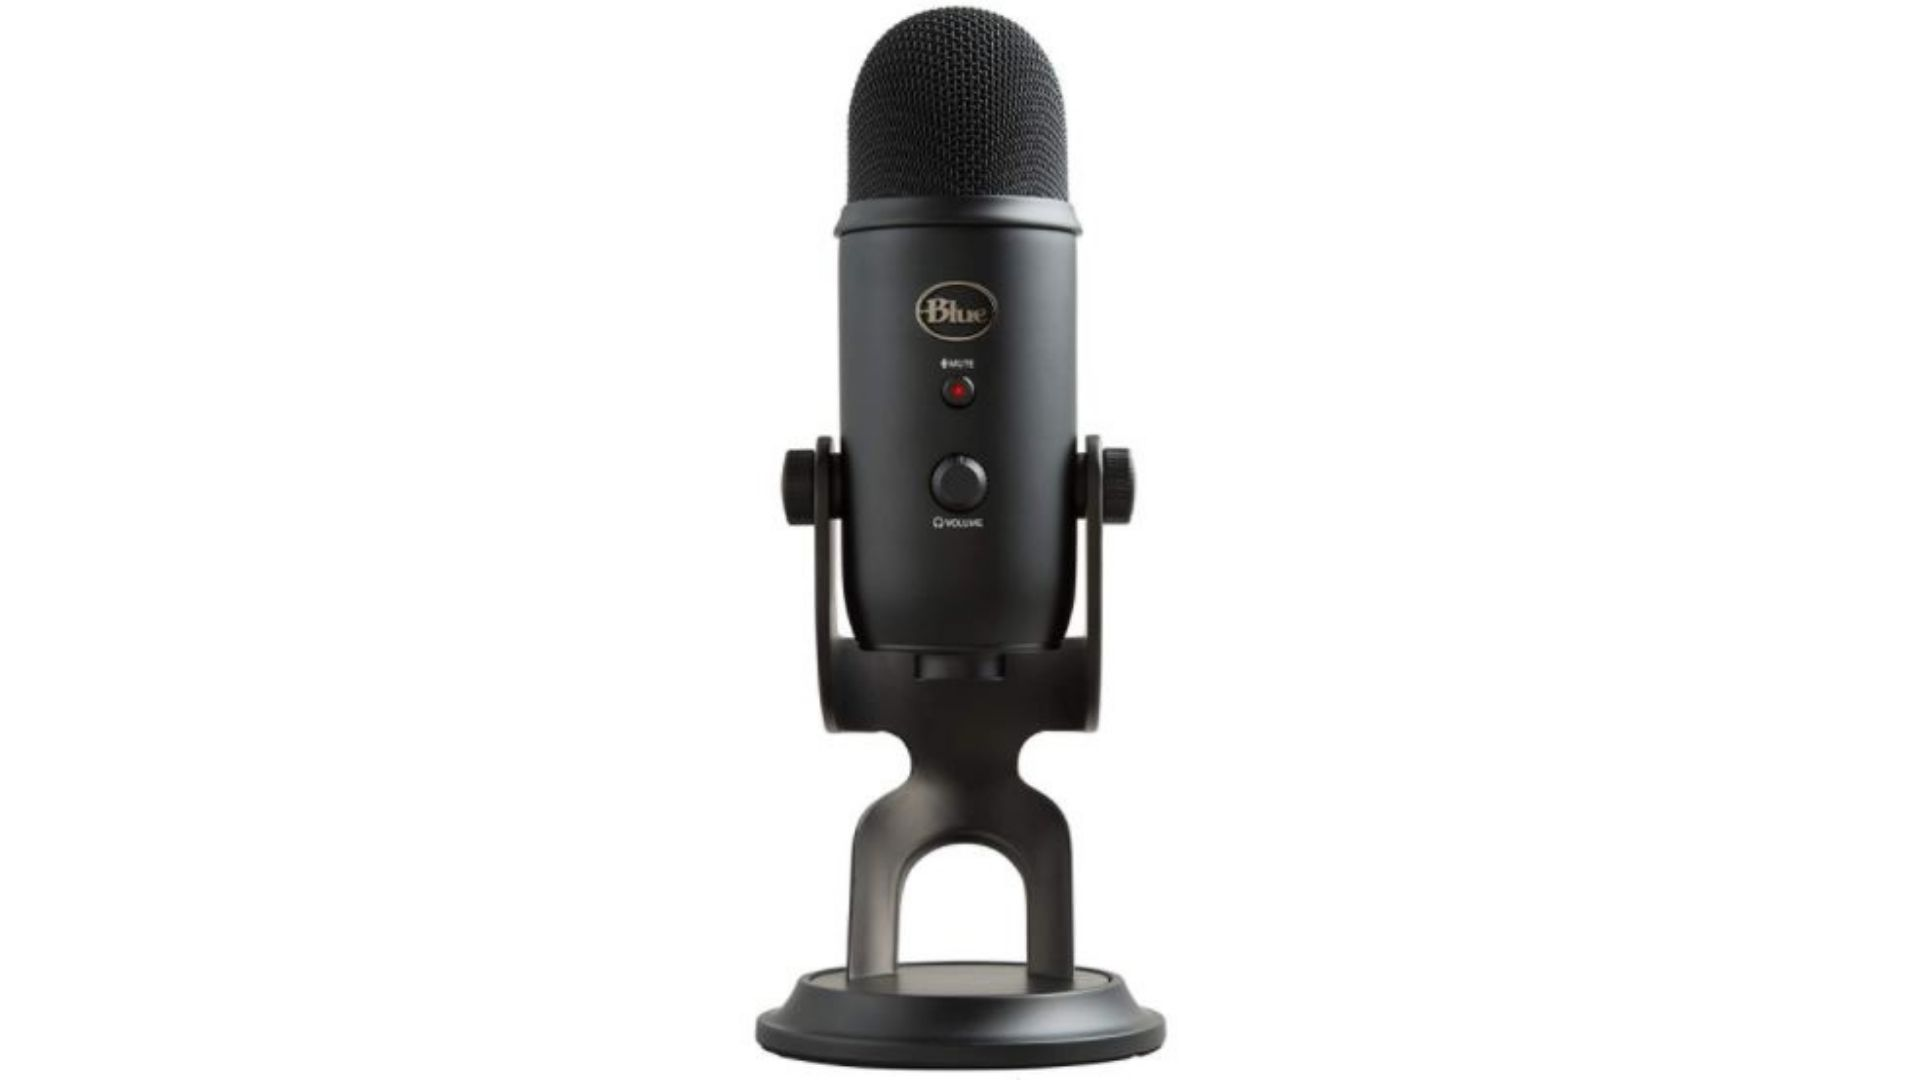 Blue Yeti permite a seleção de quatro modos de gravação, Cardio, Omnidirecional, Bidirecional e Stereo. (Divulgação/ Blue)